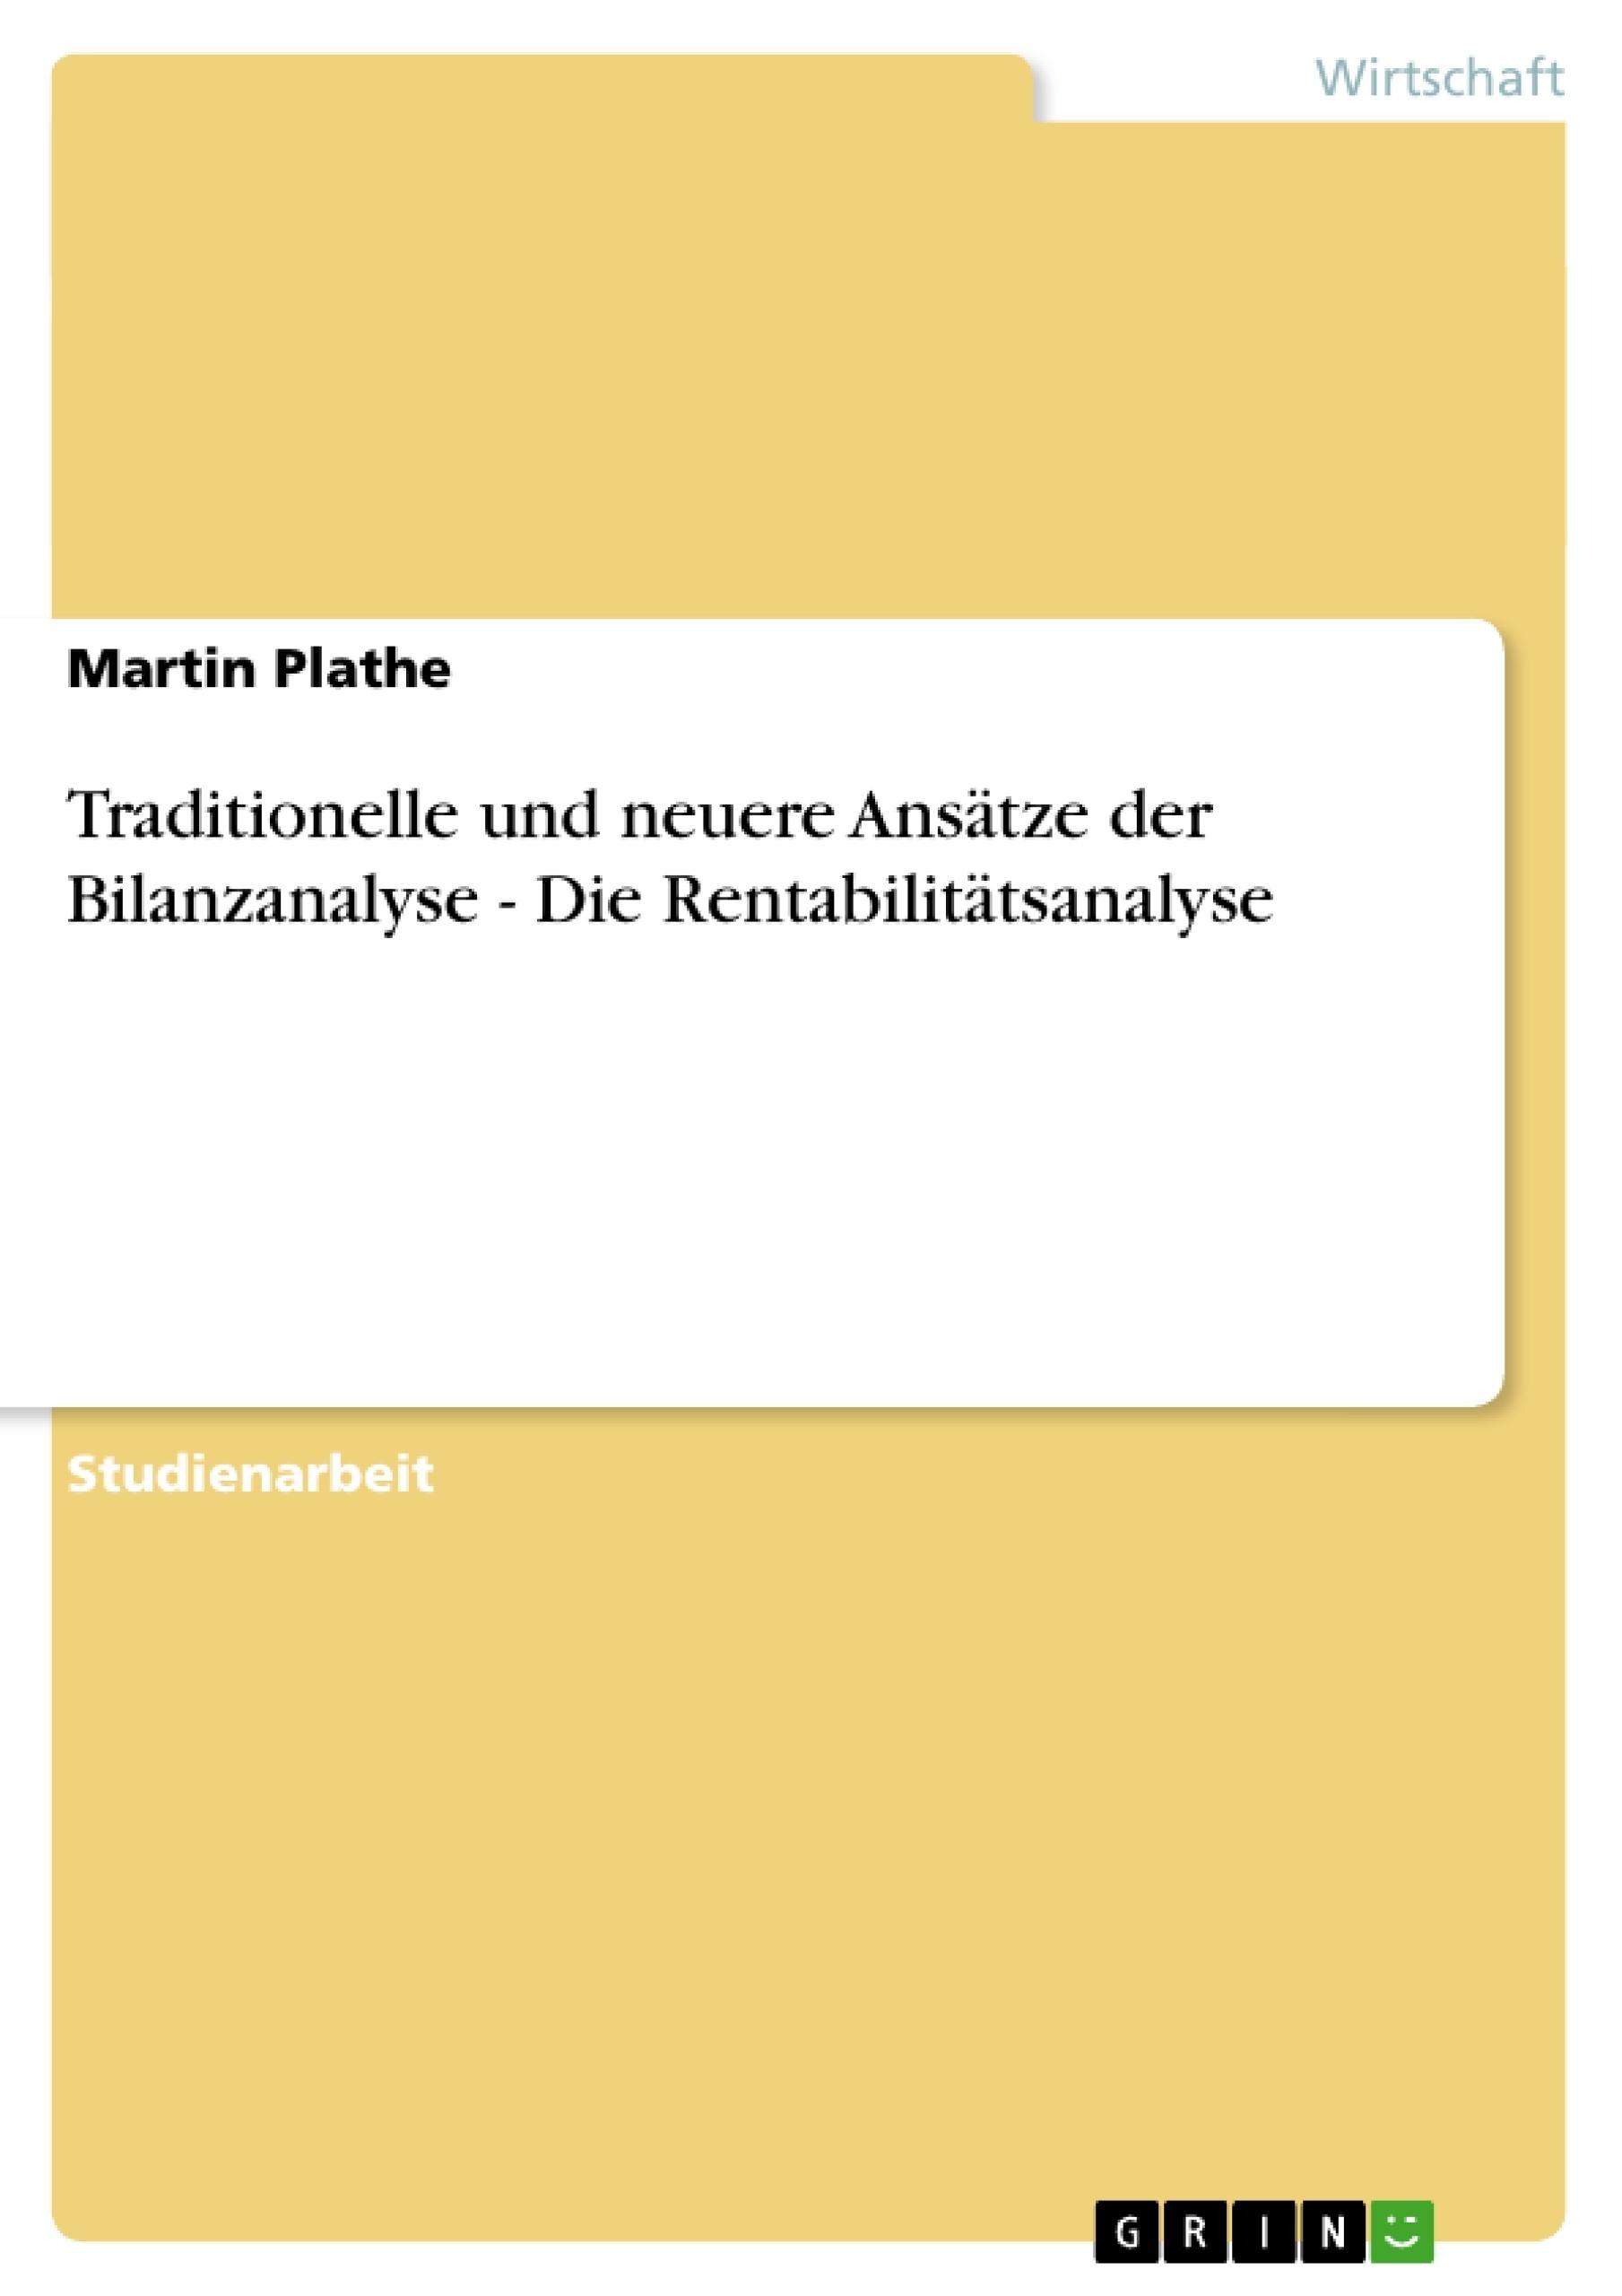 Titel: Traditionelle und neuere Ansätze der Bilanzanalyse - Die Rentabilitätsanalyse